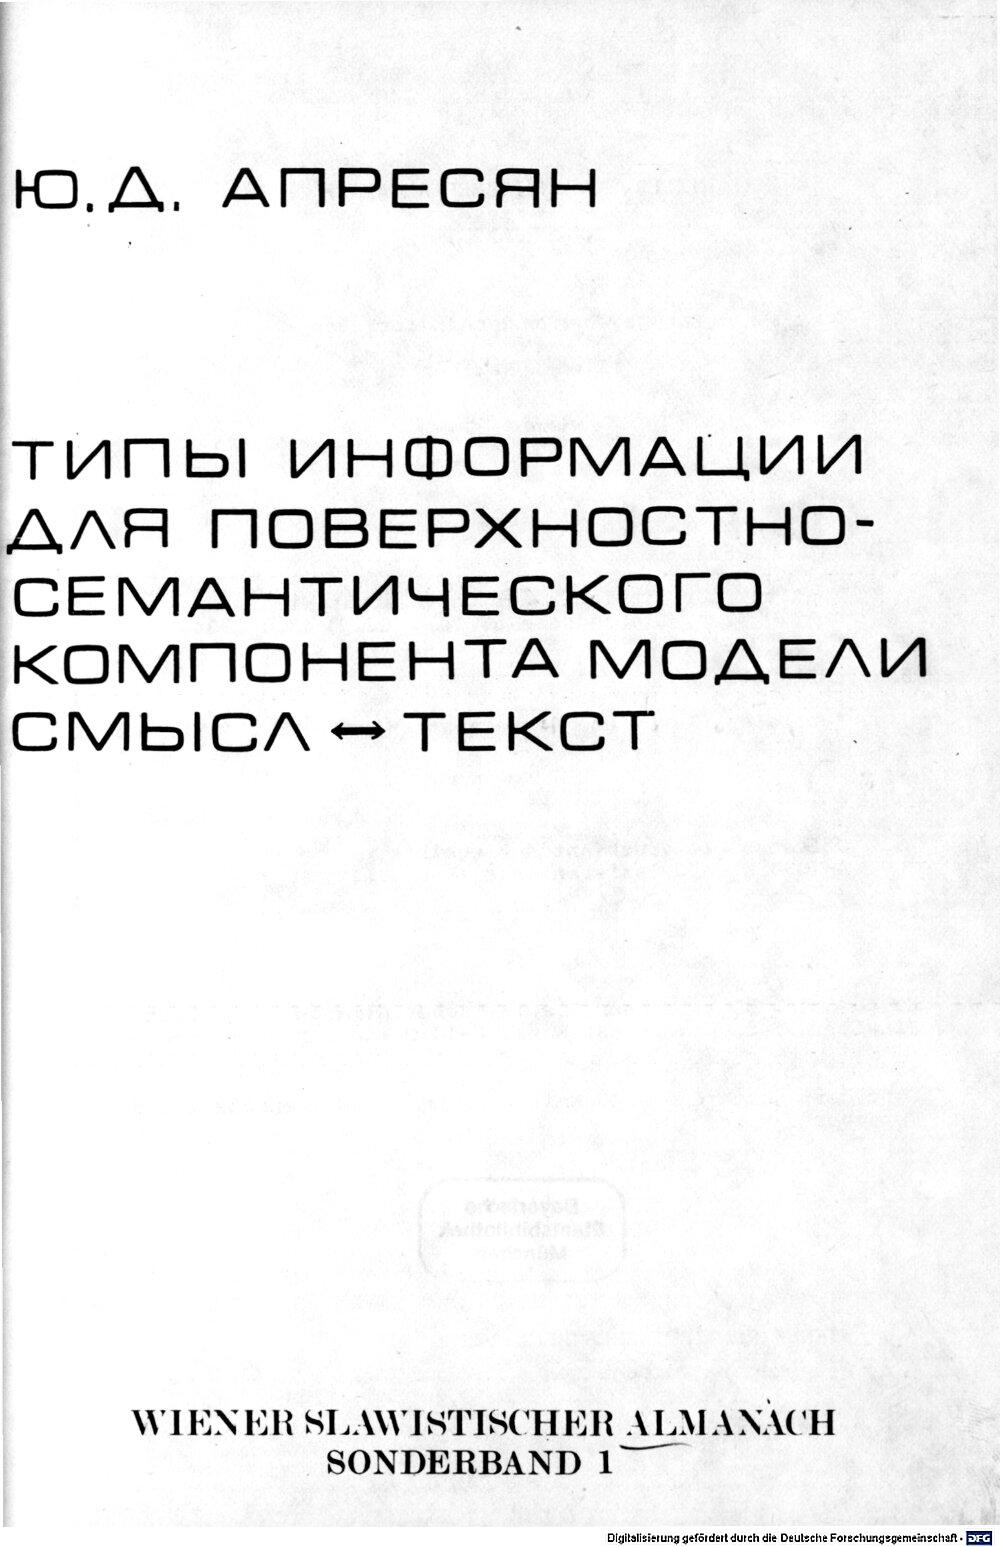 bsb00064790_00001.jpg